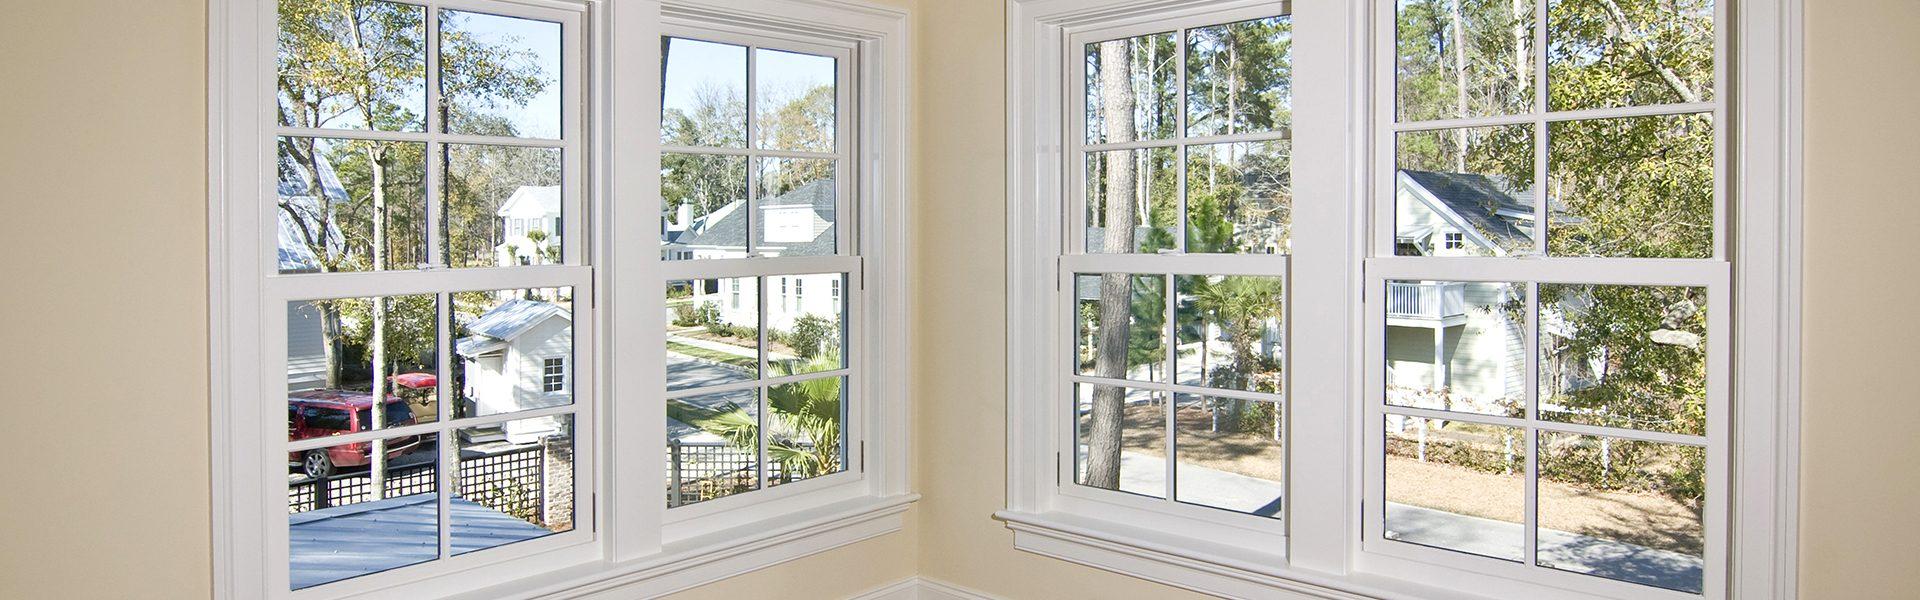 aluminium sliding sash windows surrey